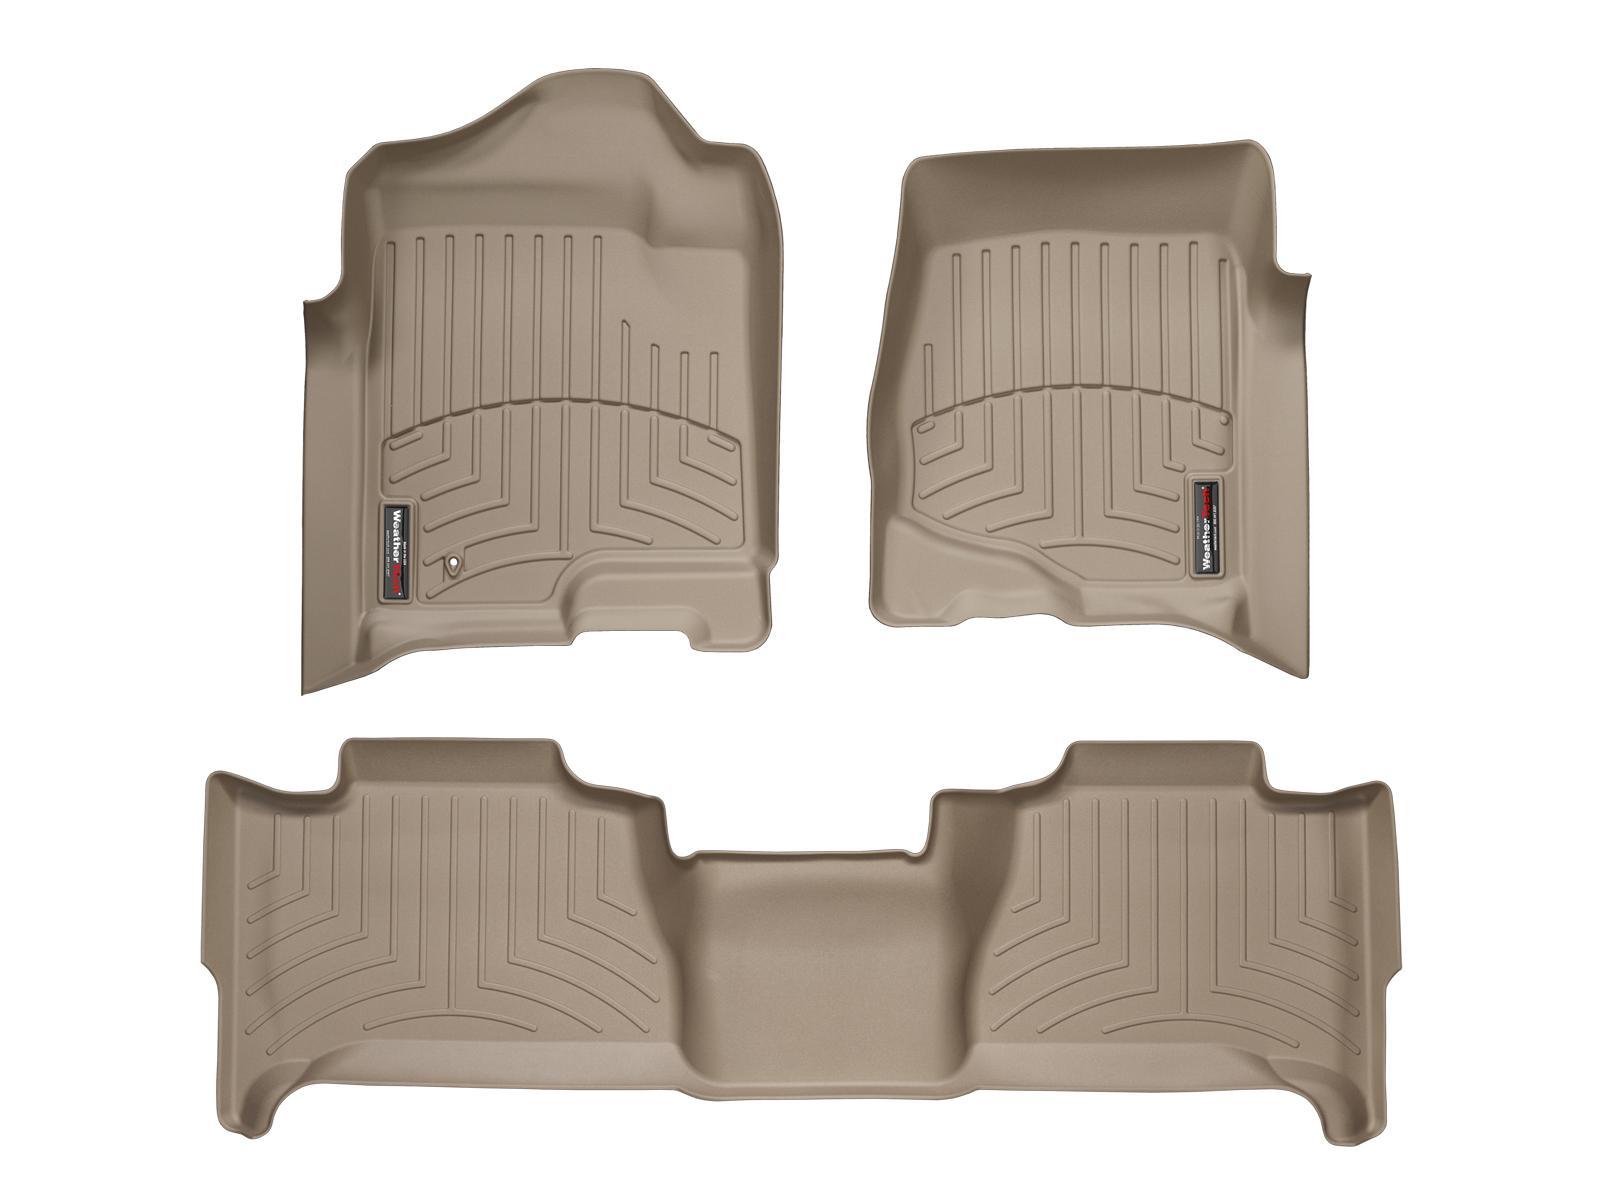 Tappeti gomma su misura bordo alto Cadillac Escalade 14>14 Marrone A23*